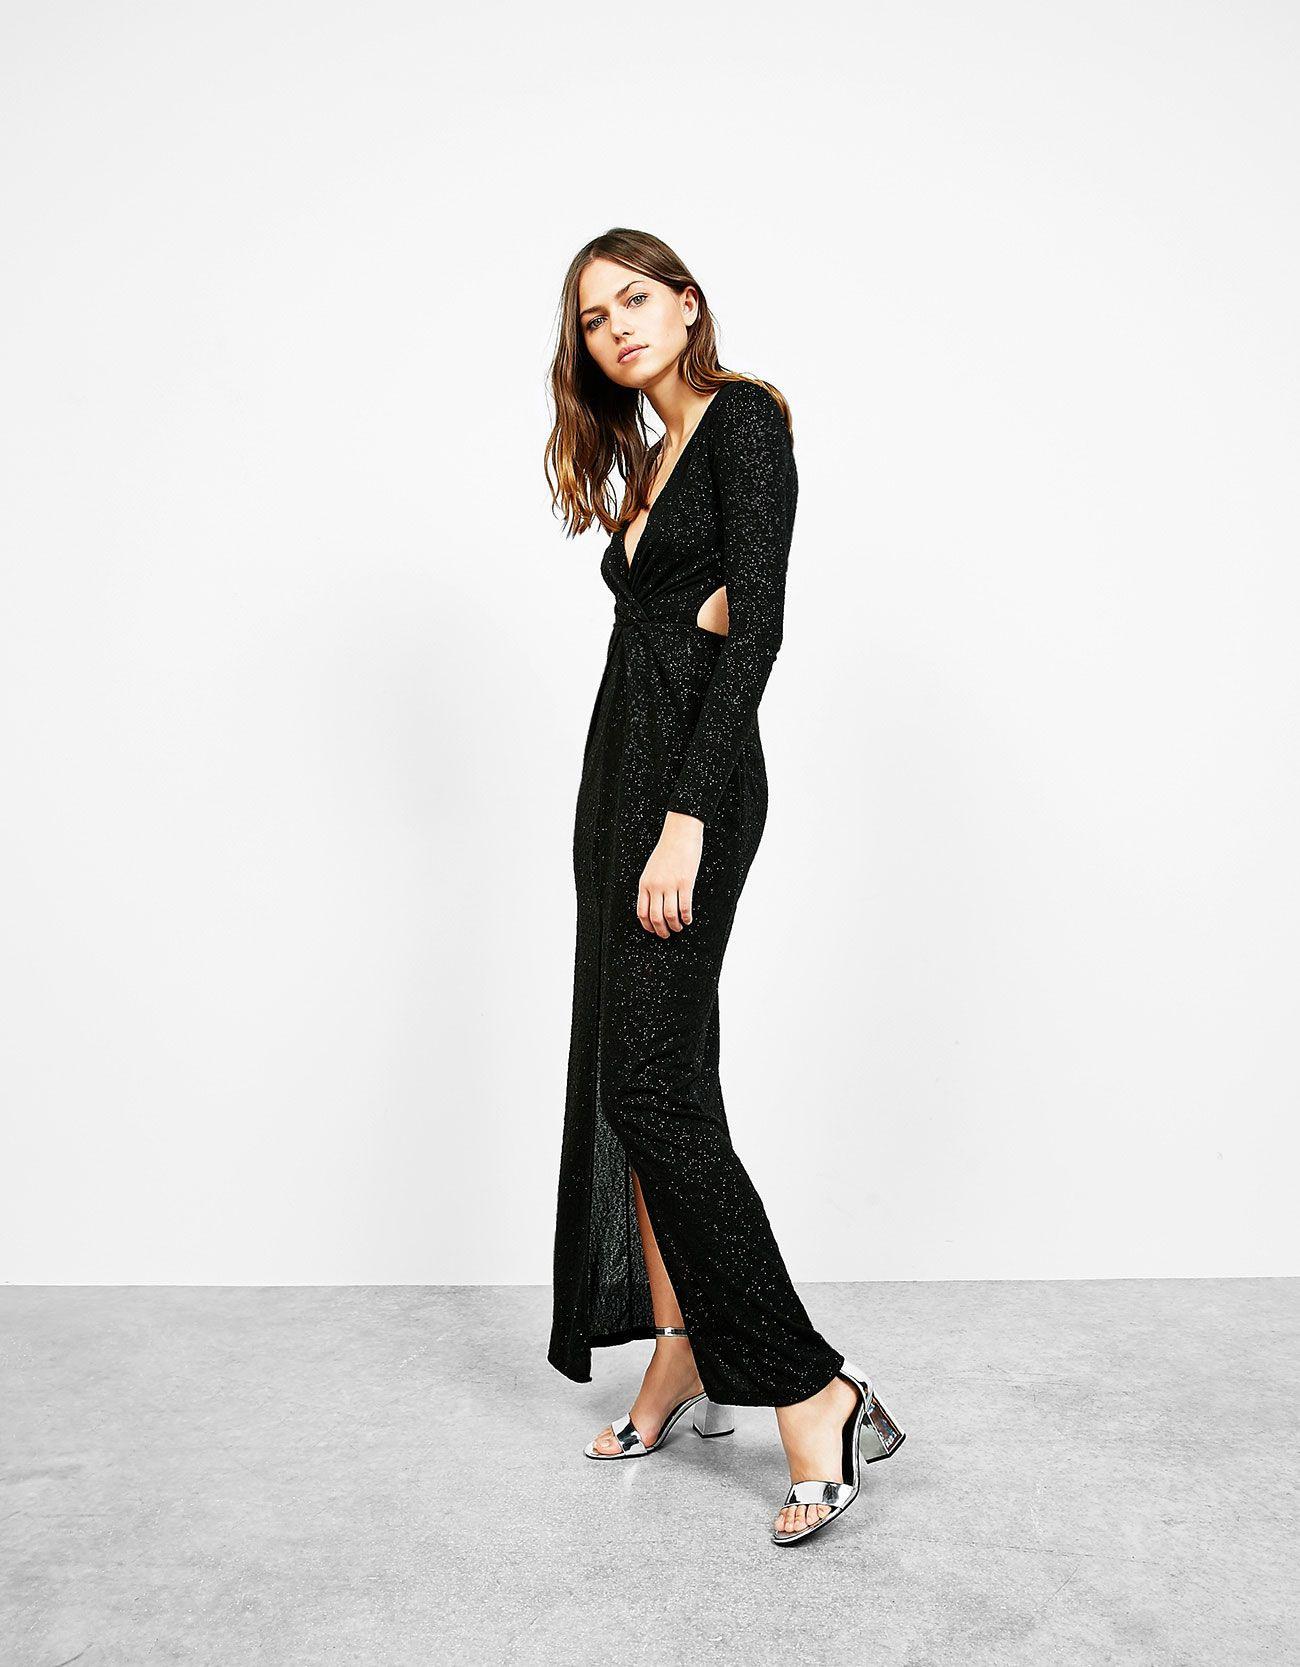 Langes Kleid Mit Glänzendem Jacquard Entdecken Sie Diese